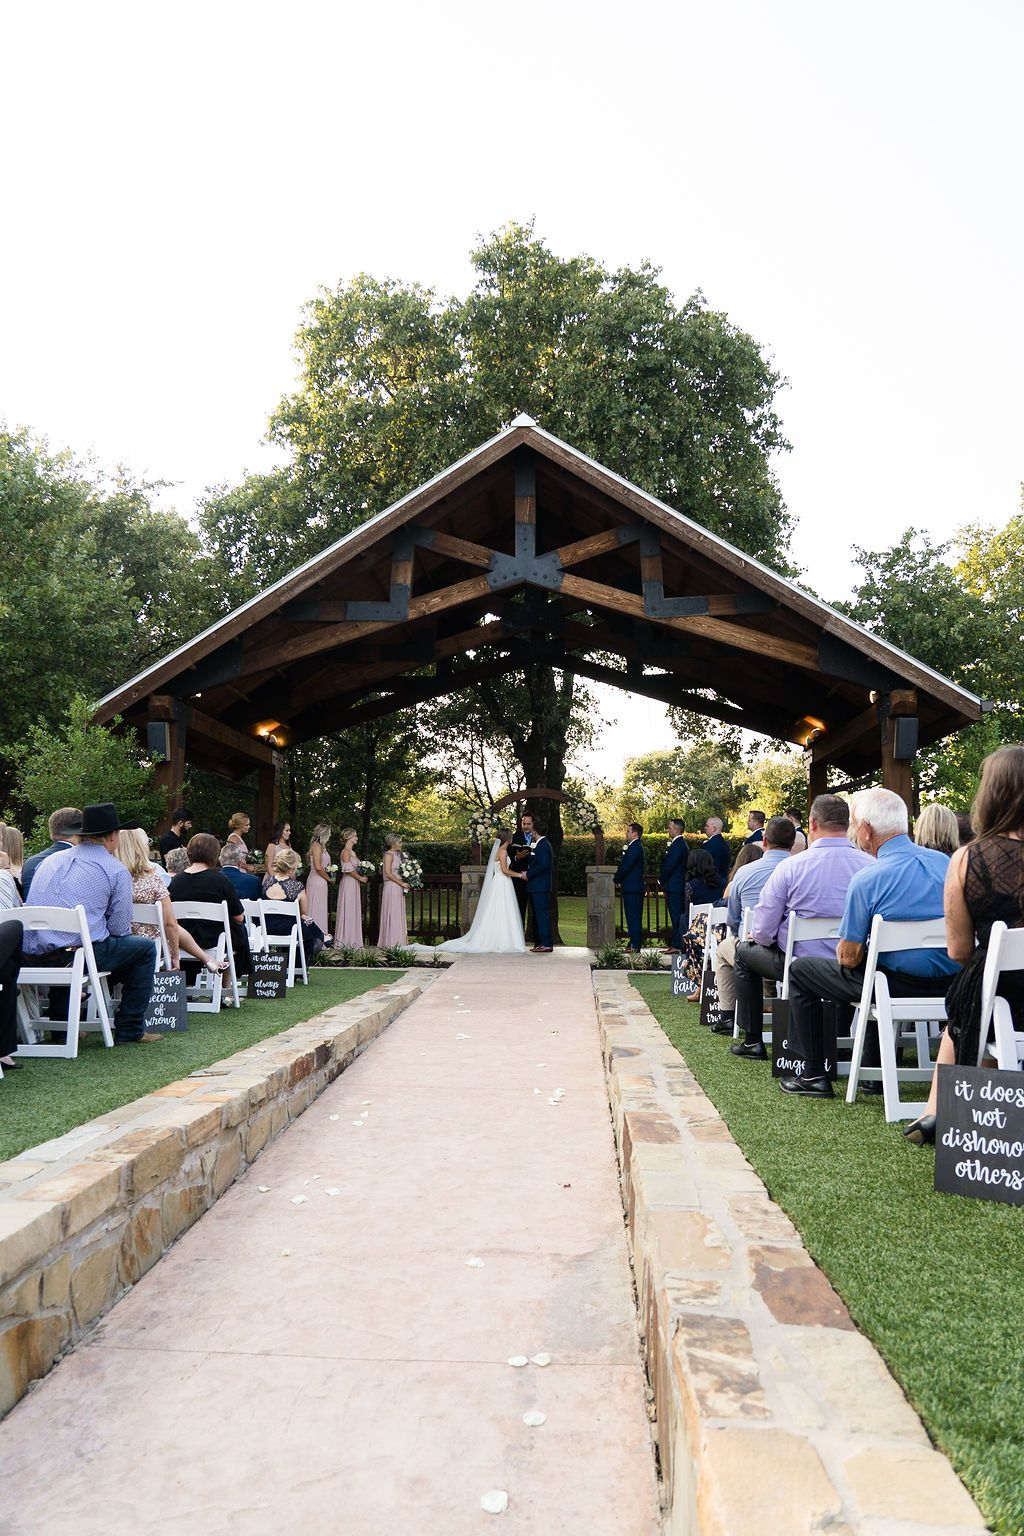 Westwood Hall Wedding Venue | Dallas wedding venues ...